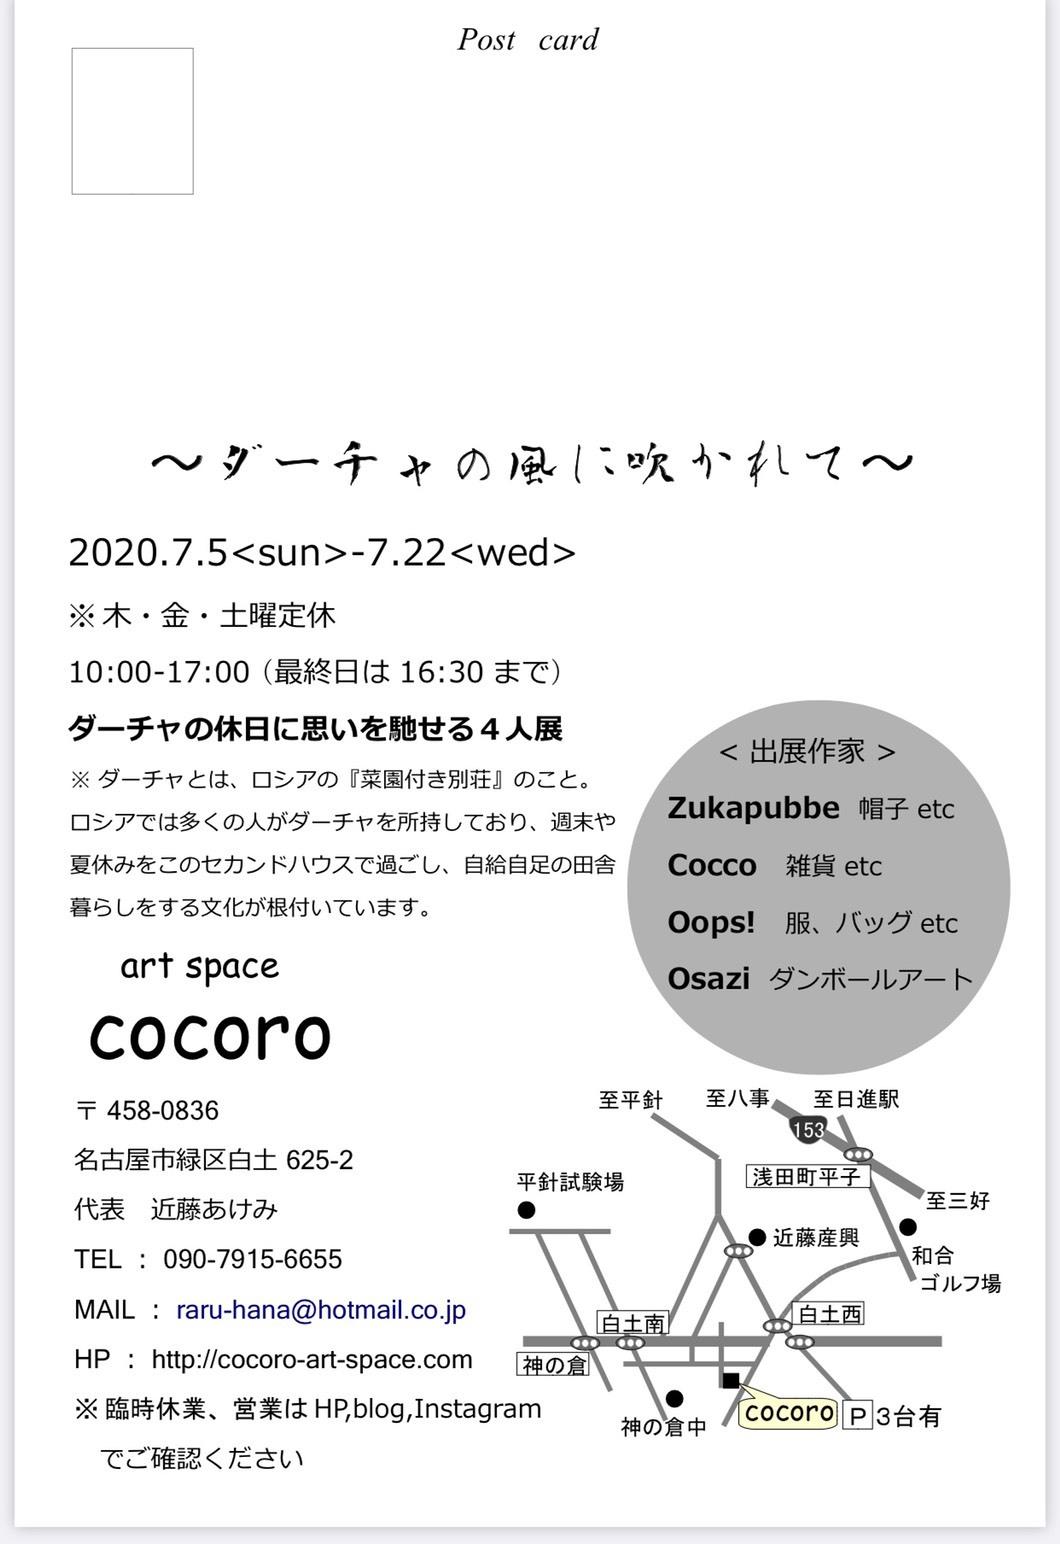 夏は 名古屋でグループ展です♪_a0076125_16120701.jpeg